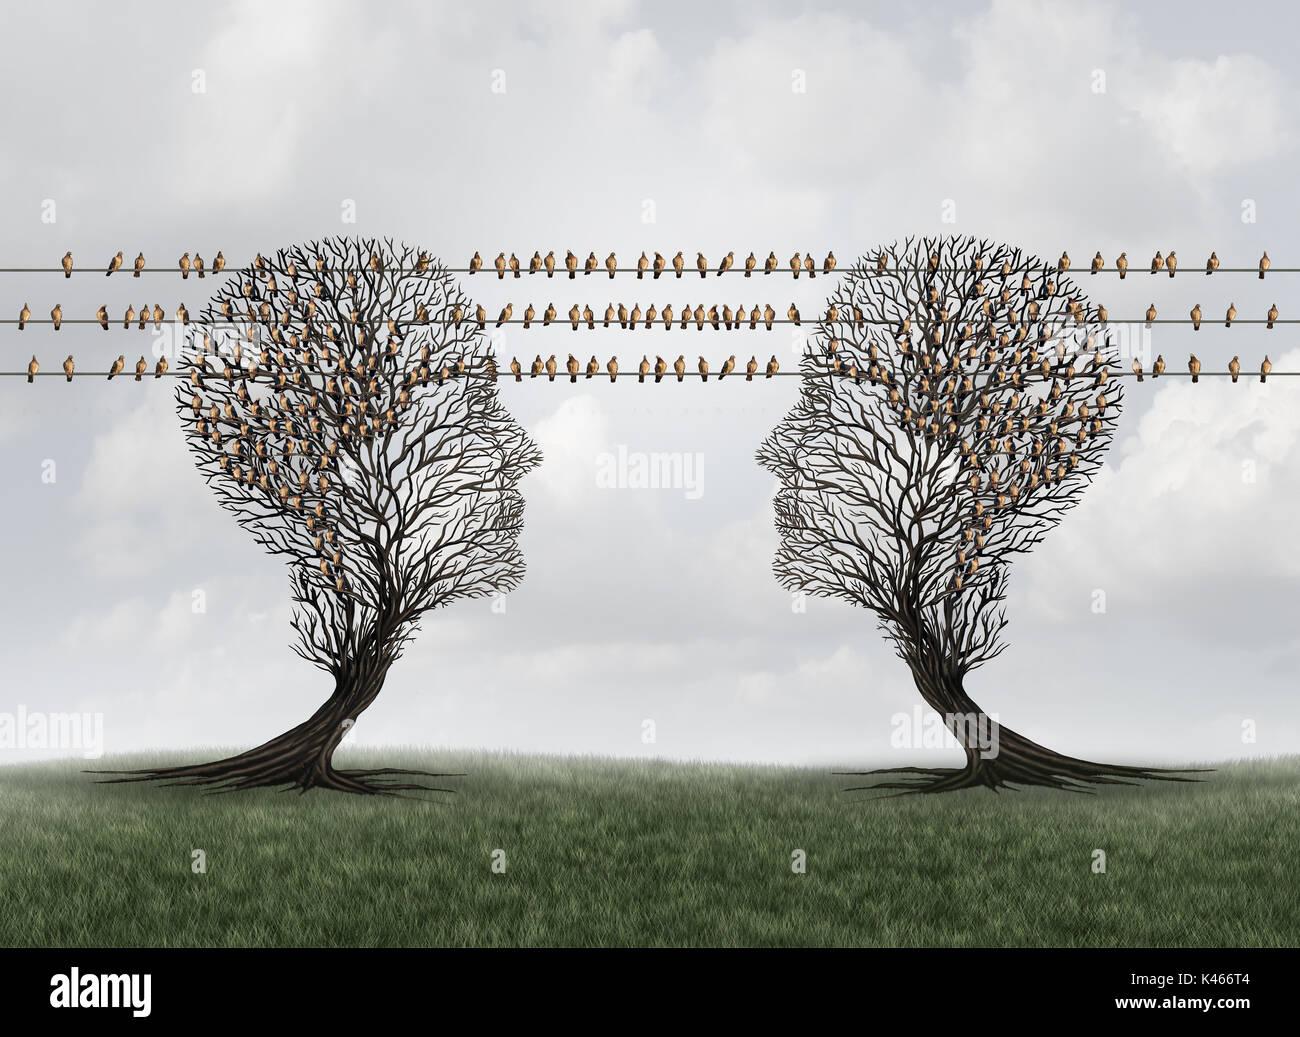 Collegamento della rete di comunicazione come alberi a forma di teste umane collegato con gli uccelli sui fili come messenger piccioni come dati internet icone di trasmissione Immagini Stock